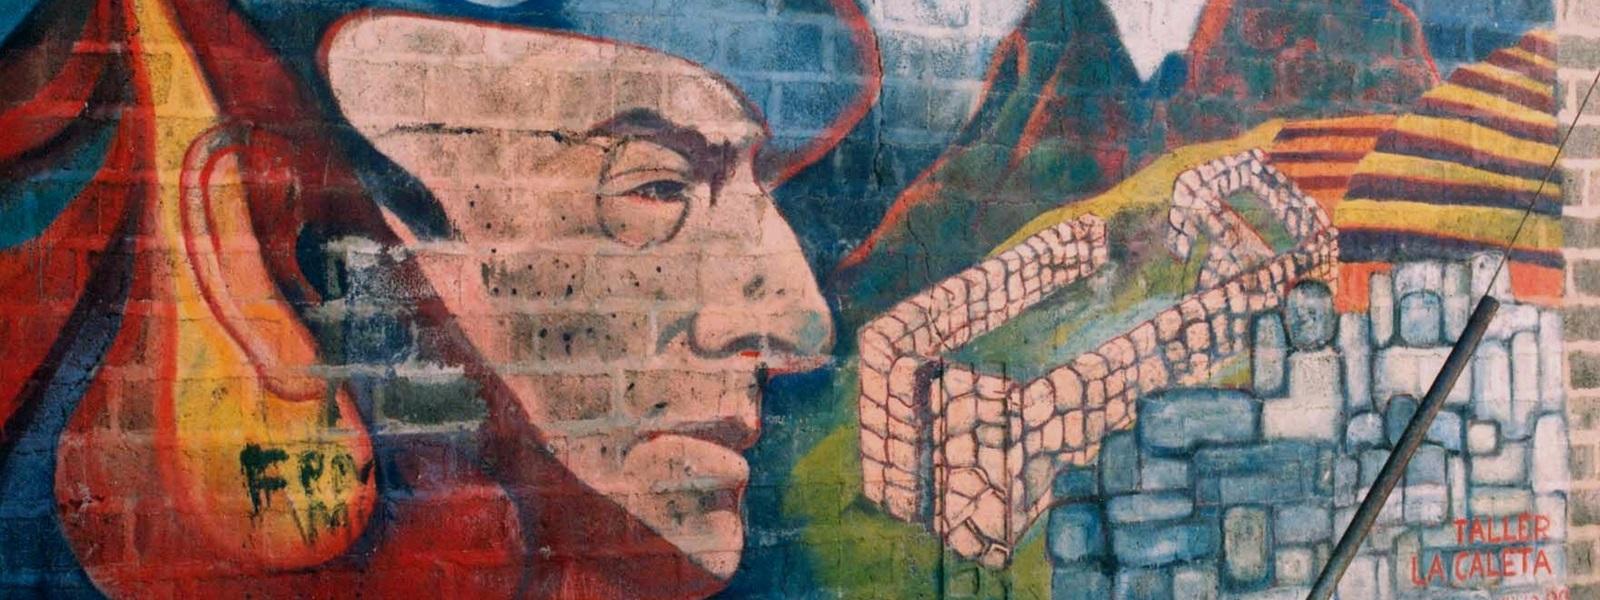 Valparaíso, Street art, Neruda